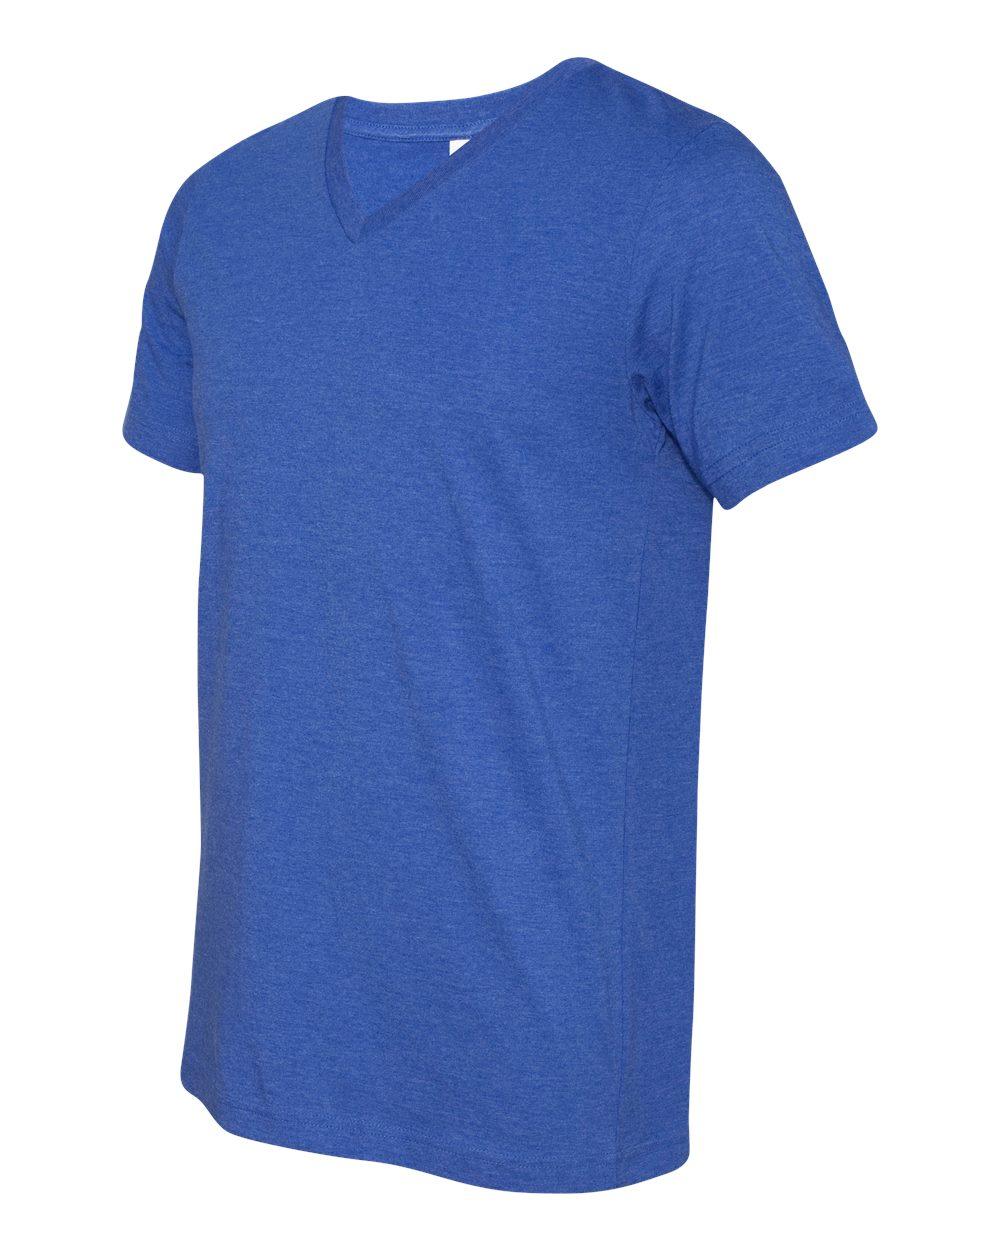 Bella-Canvas-Men-039-s-Jersey-Short-Sleeve-V-Neck-T-Shirt-3005-XS-3XL thumbnail 82